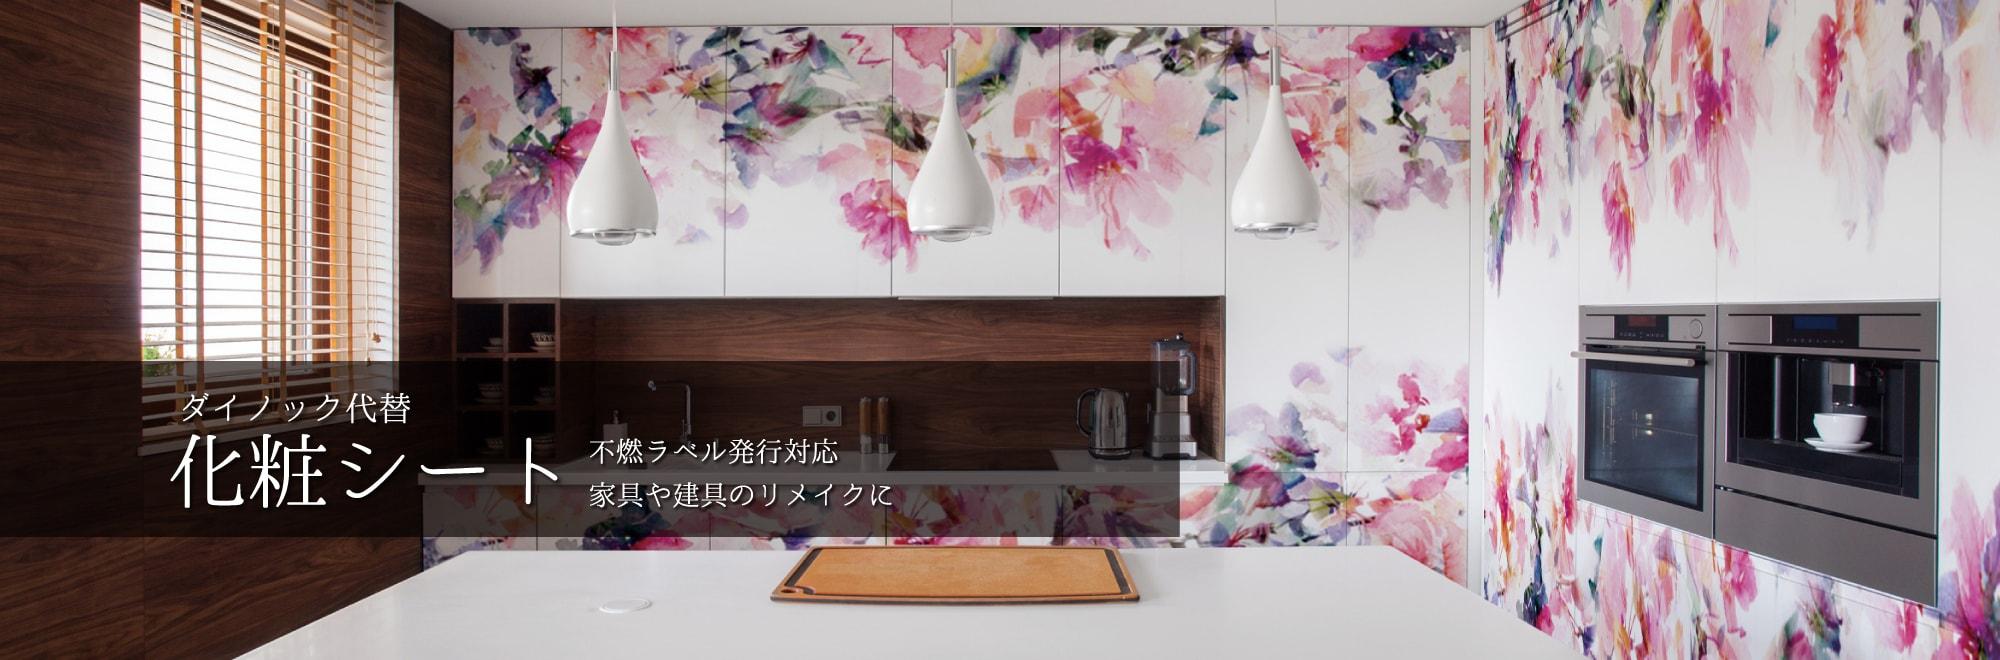 ダイノック代替化粧シート。家具や建具のリメイクに。